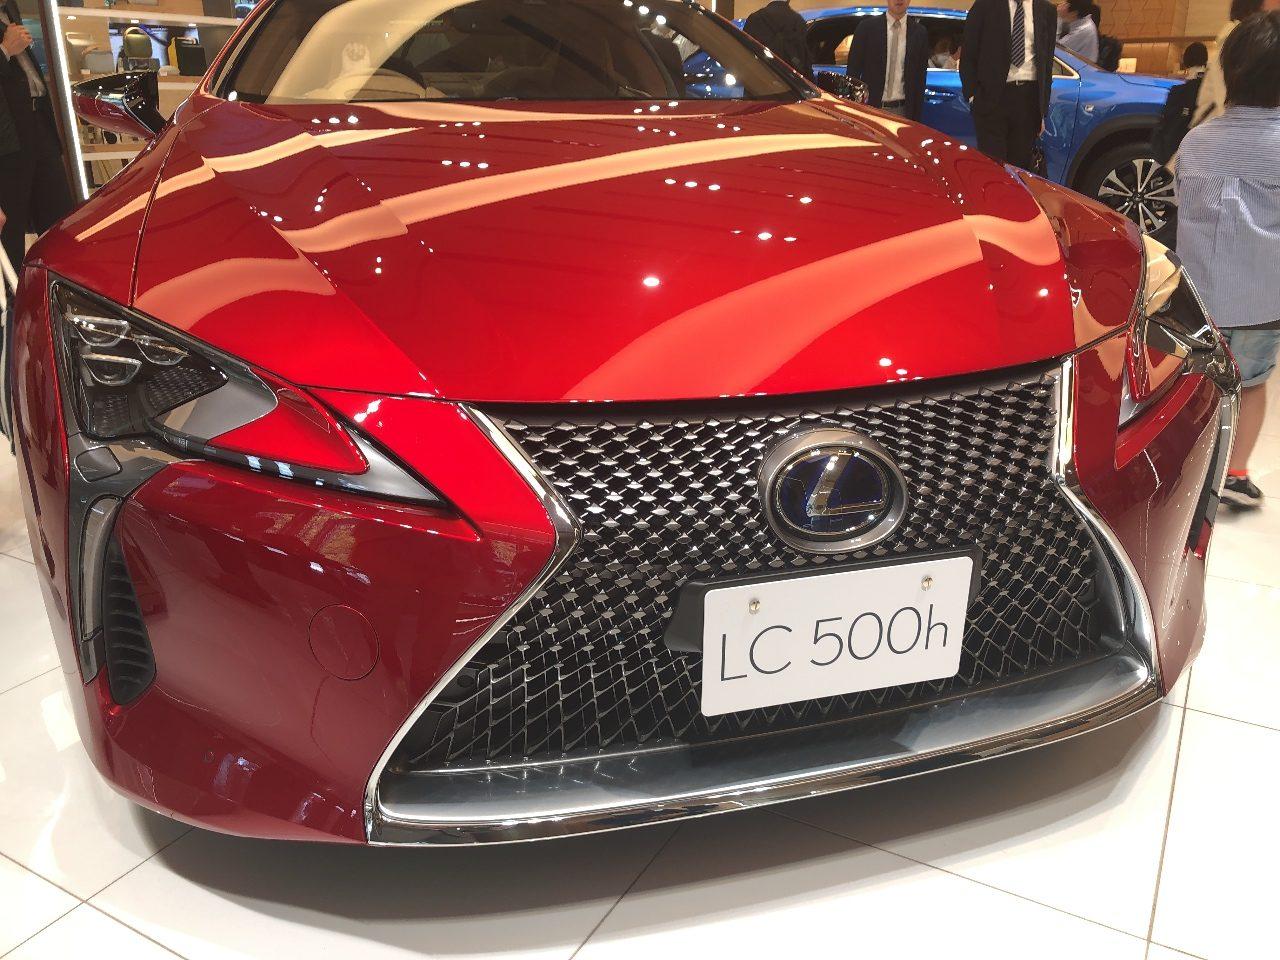 超高級国産スポーティクーペ、レクサス「LC500h」